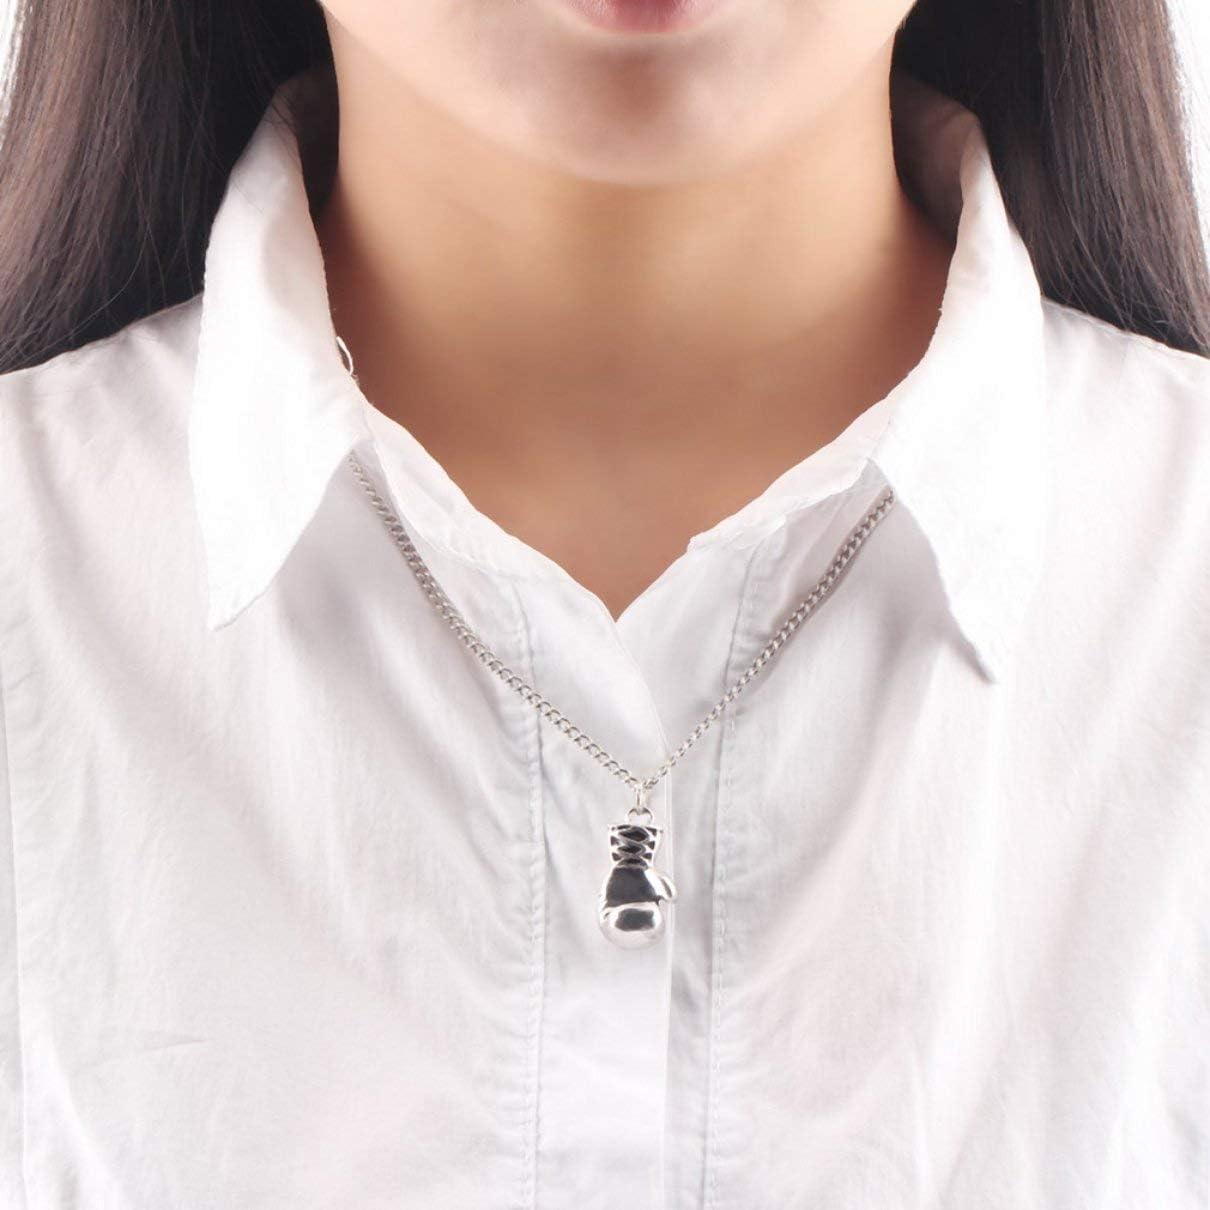 Color: 0 Hanmarigold Mujer de aleaci/ón de Color Siver Larga Tira de Guantes de Boxeo de los Hombres en Forma de joyer/ía de la Cadena Collar Colgante de Cadena de Palomitas de ma/íz con Encanto